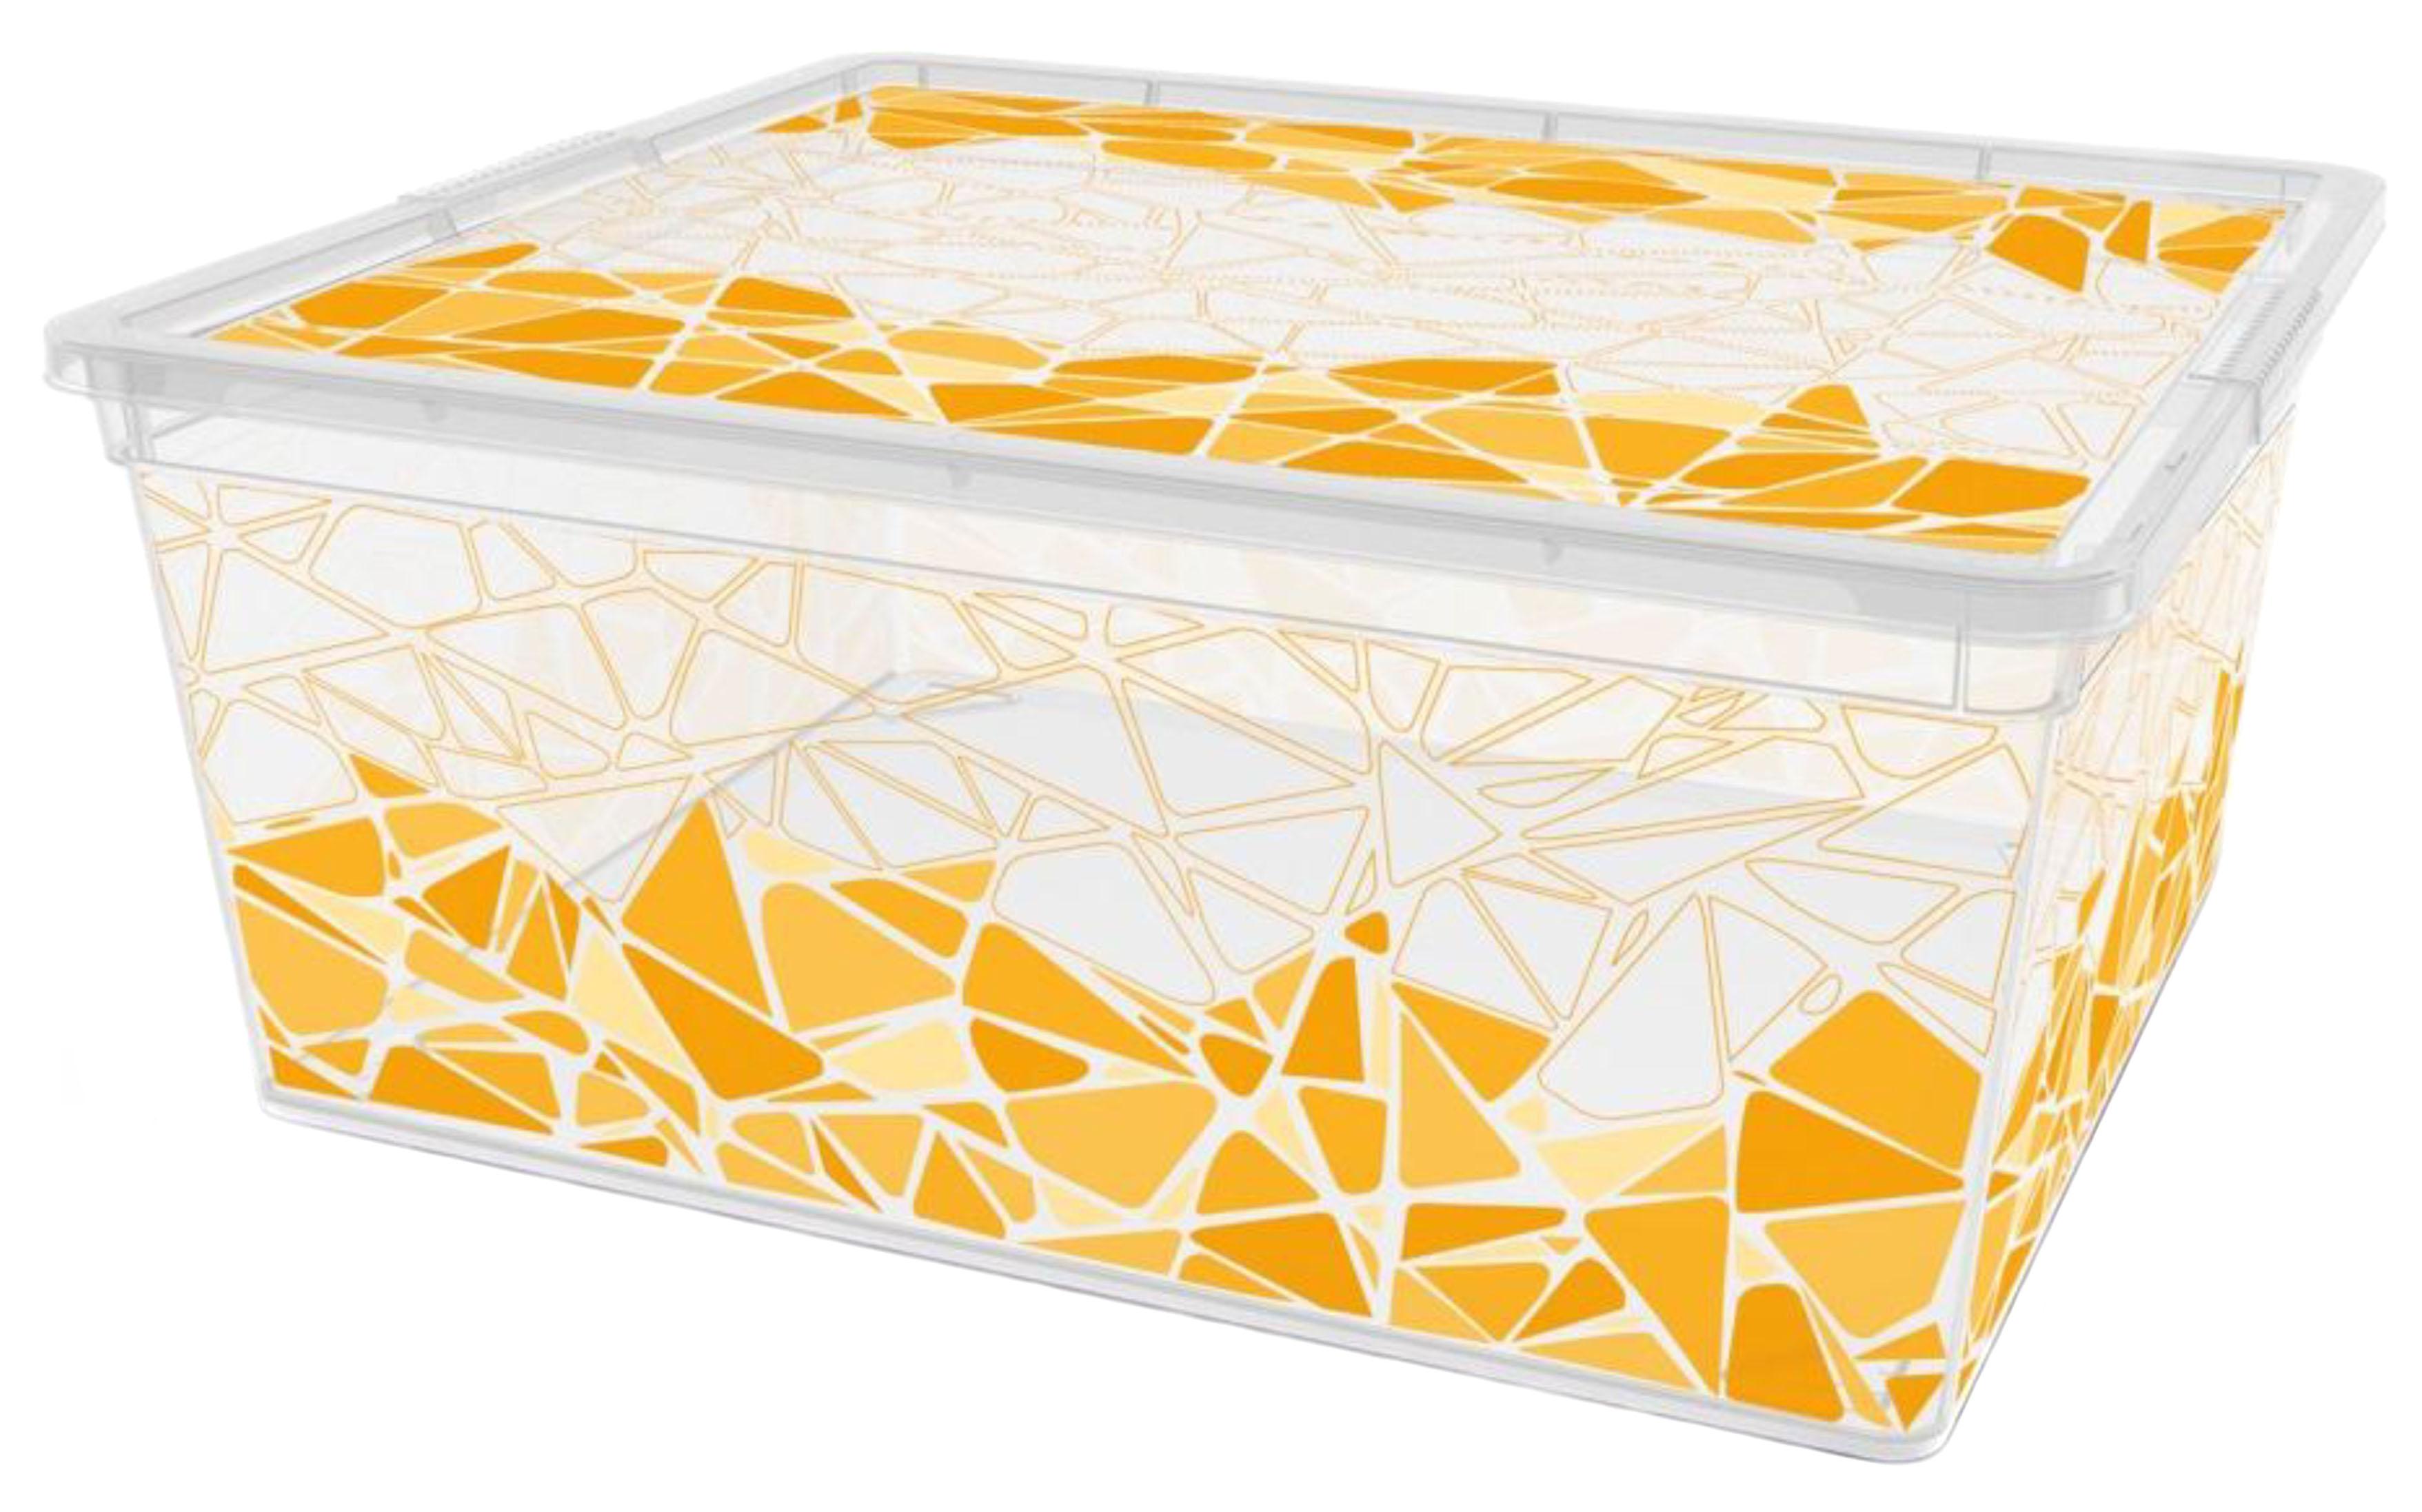 Контейнер для хранения ABM Калейдоскоп, 18 лAB08409BGБезопасны для здоровья, не токсичны, не имеют запаха, не вызывают аллергических реакций.Контейнеры TM KIS (A.B.M., Италия) изготовлены из полипропилена, пригодного и для контакта с пищевыми продуктами.